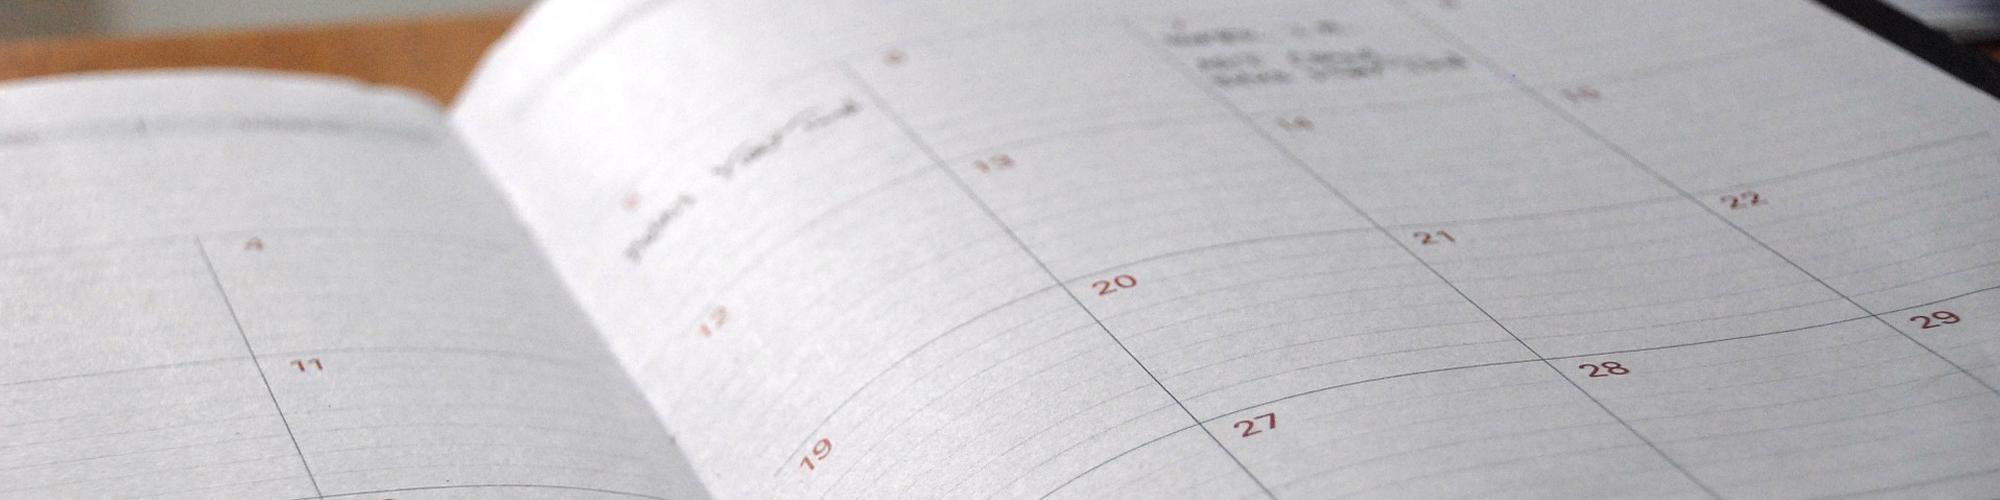 calendario-mediatori-linguistici-matera-mediazione-linguistica-università-traduzione-interpretariato-interpreti-traduttori-lingue-inglese-francese-spagnolo-tedesco-cinese-russo-arabo-giapponese